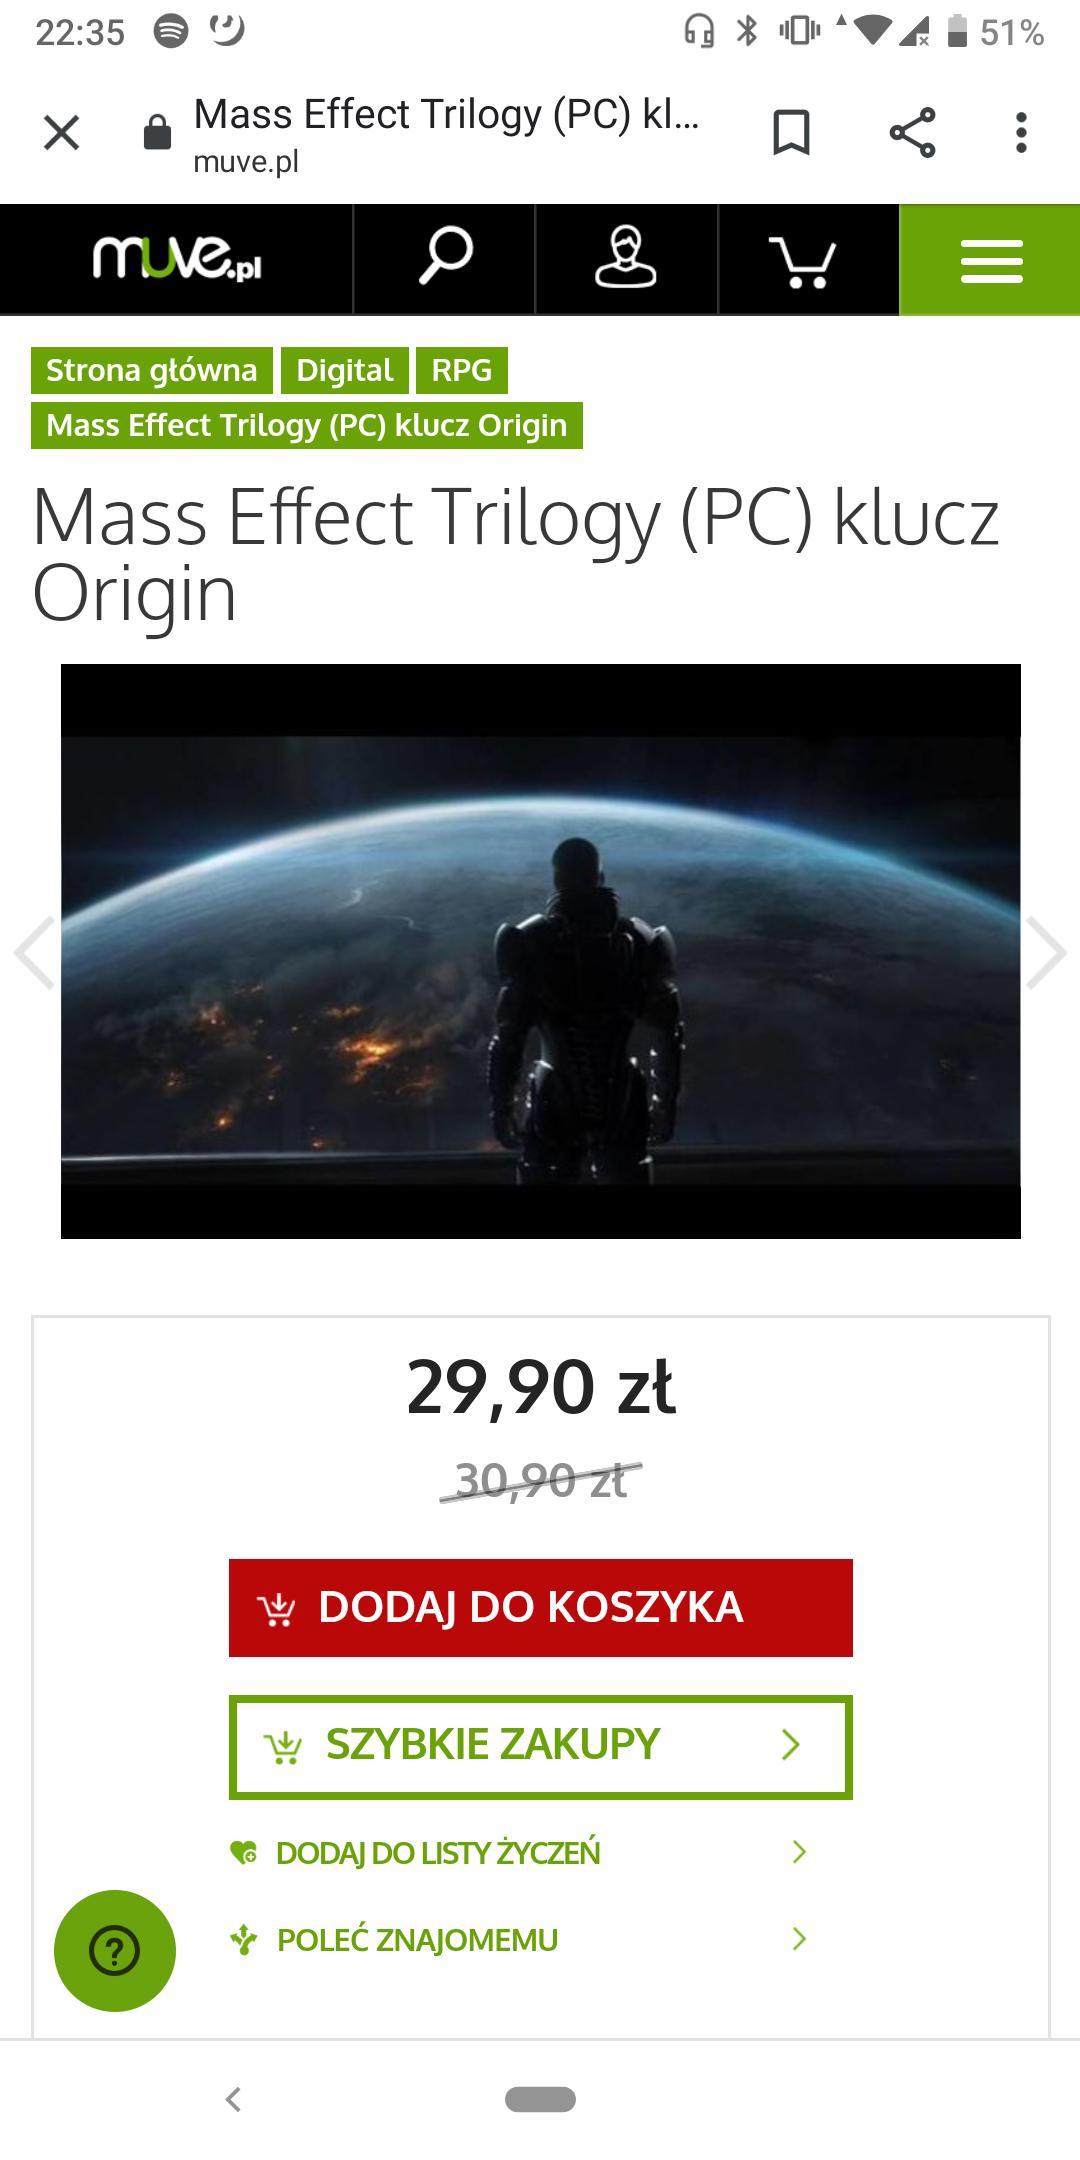 Trylogia Mass Effect PC (klucz)